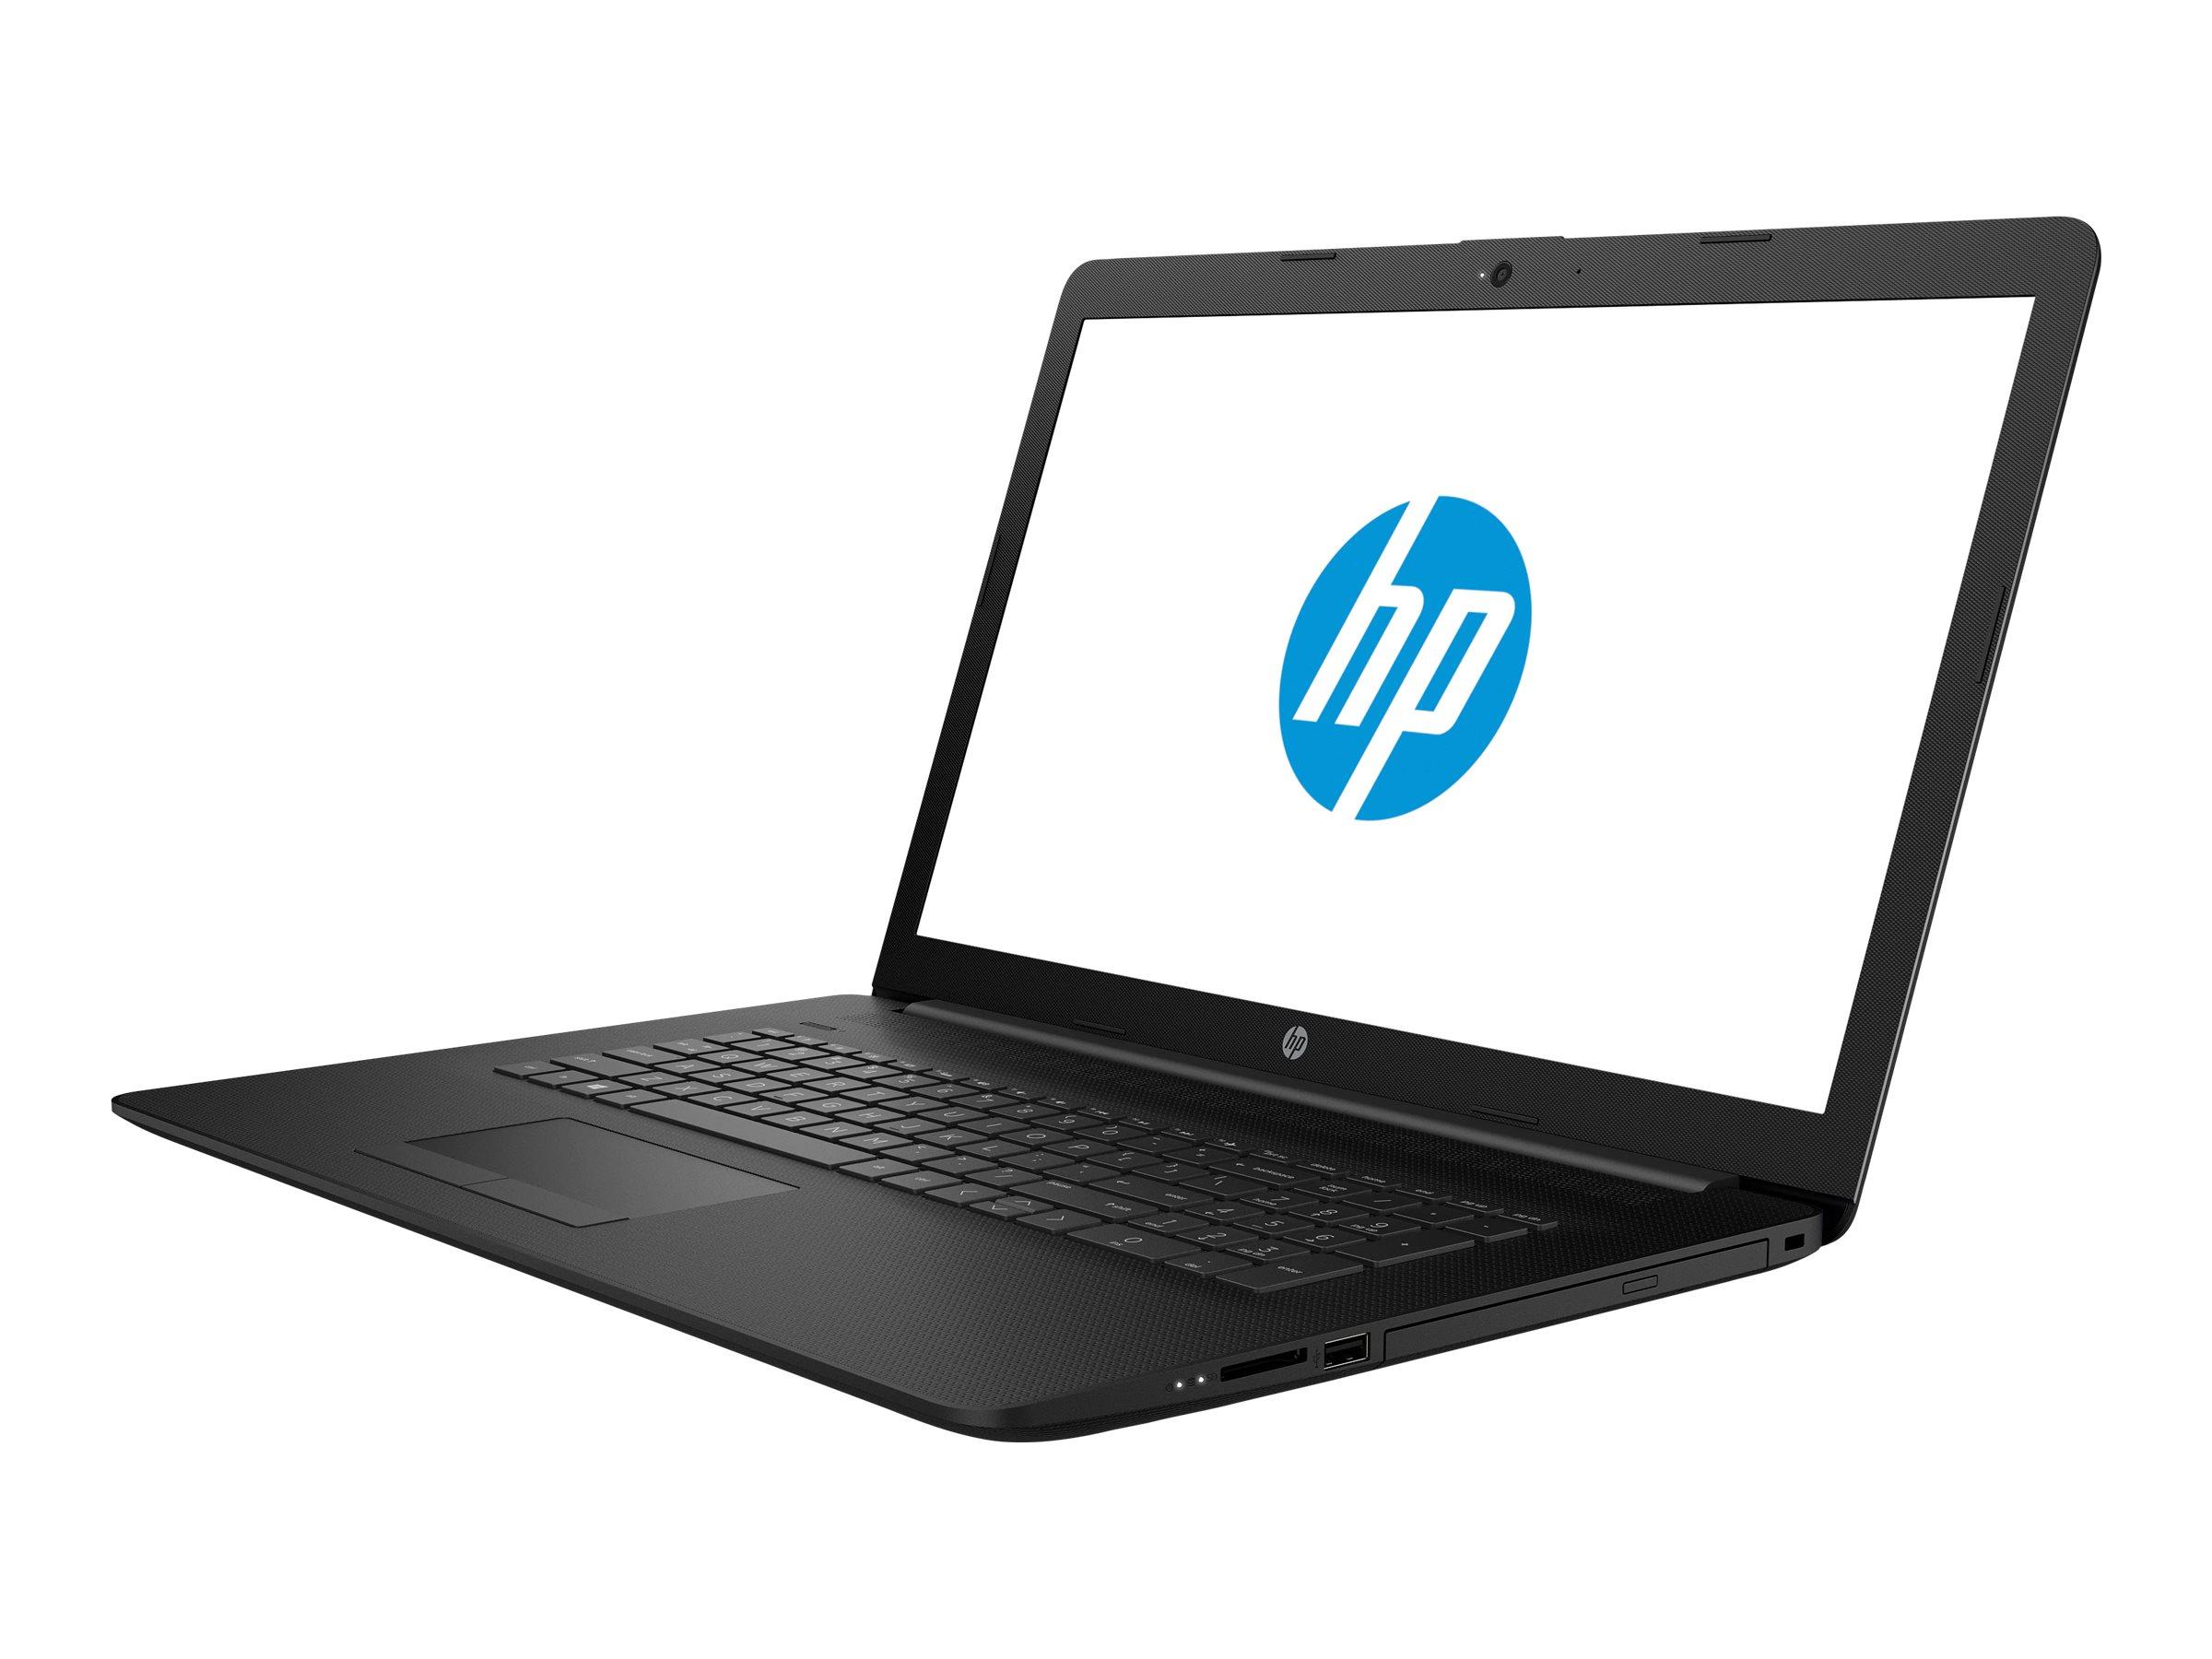 HP 17-ca0400ng Schwarz Notebook 43,9 cm (17.3 Zoll) 1600 x 900 Pixel 1,5 GHz AMD E E2-9000e